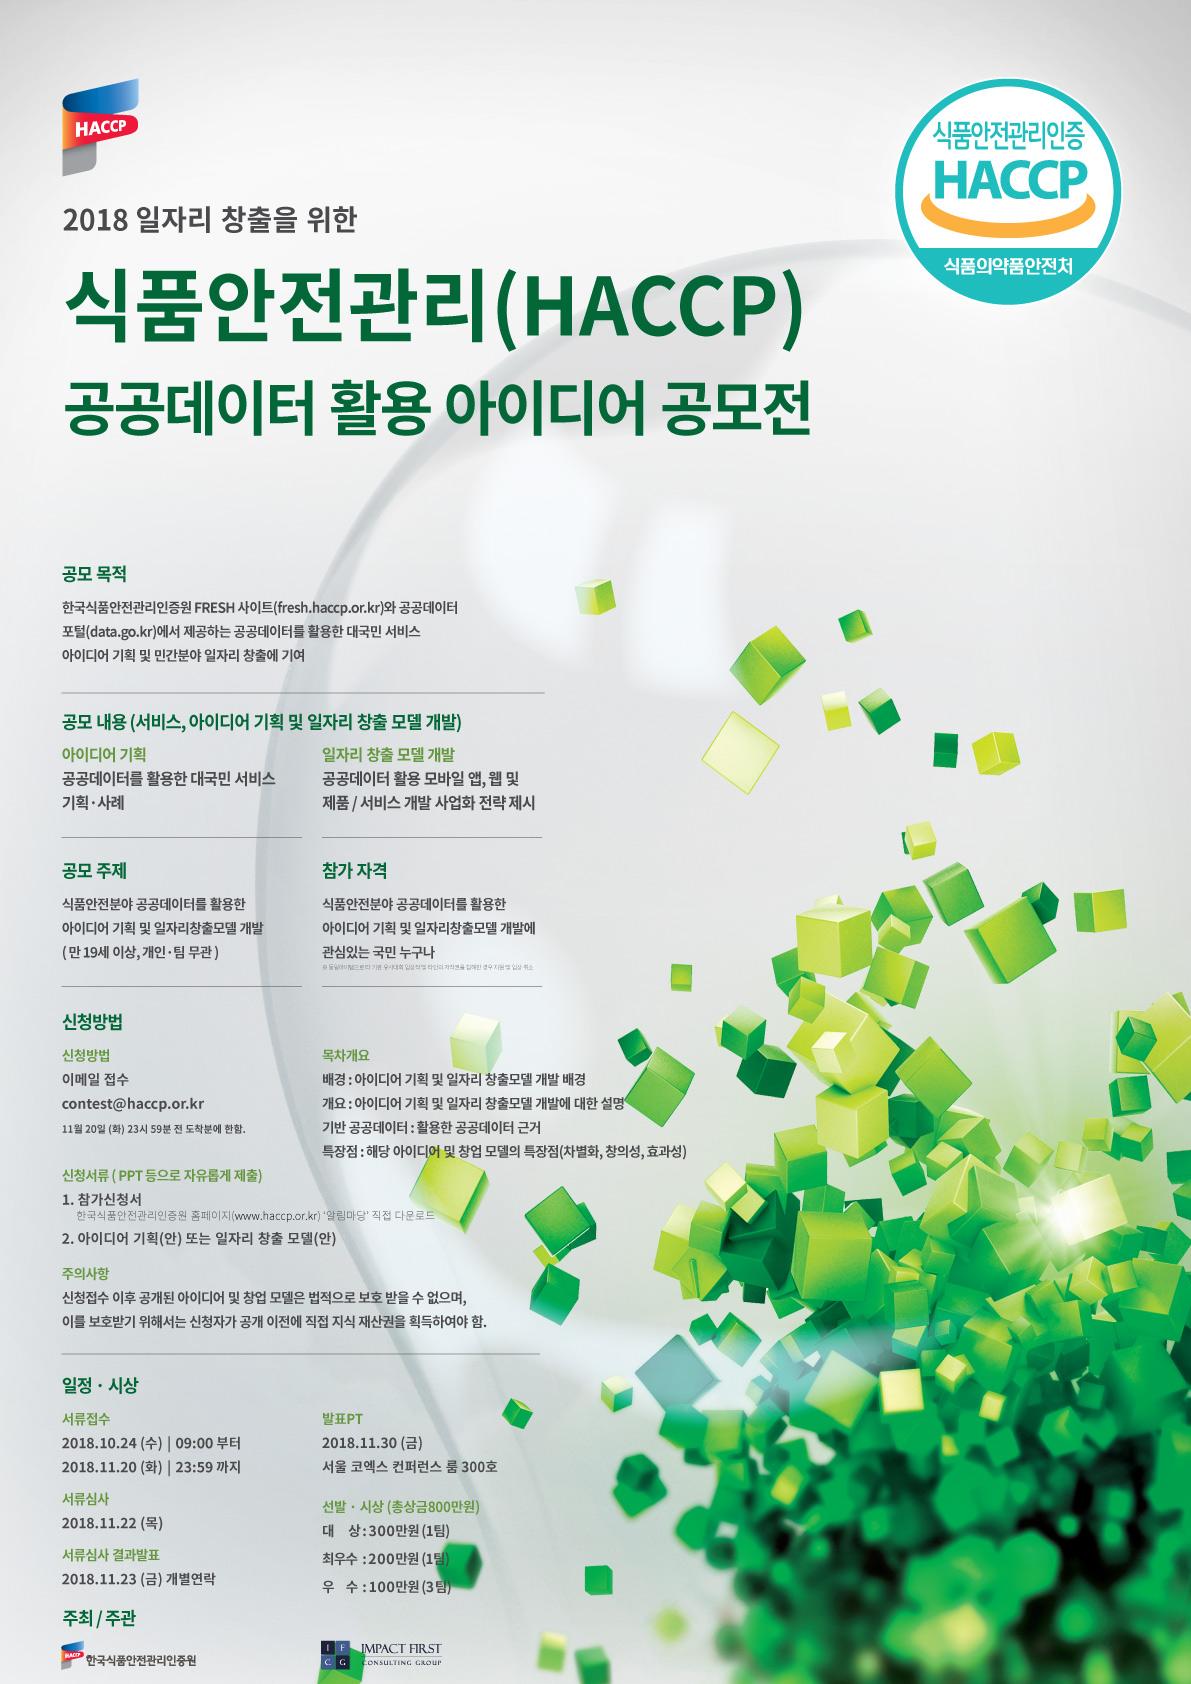 2018년 일자리 창출을 위한 식품안전관리(HACCP) 공공데이터 활용 아이디어 공모전